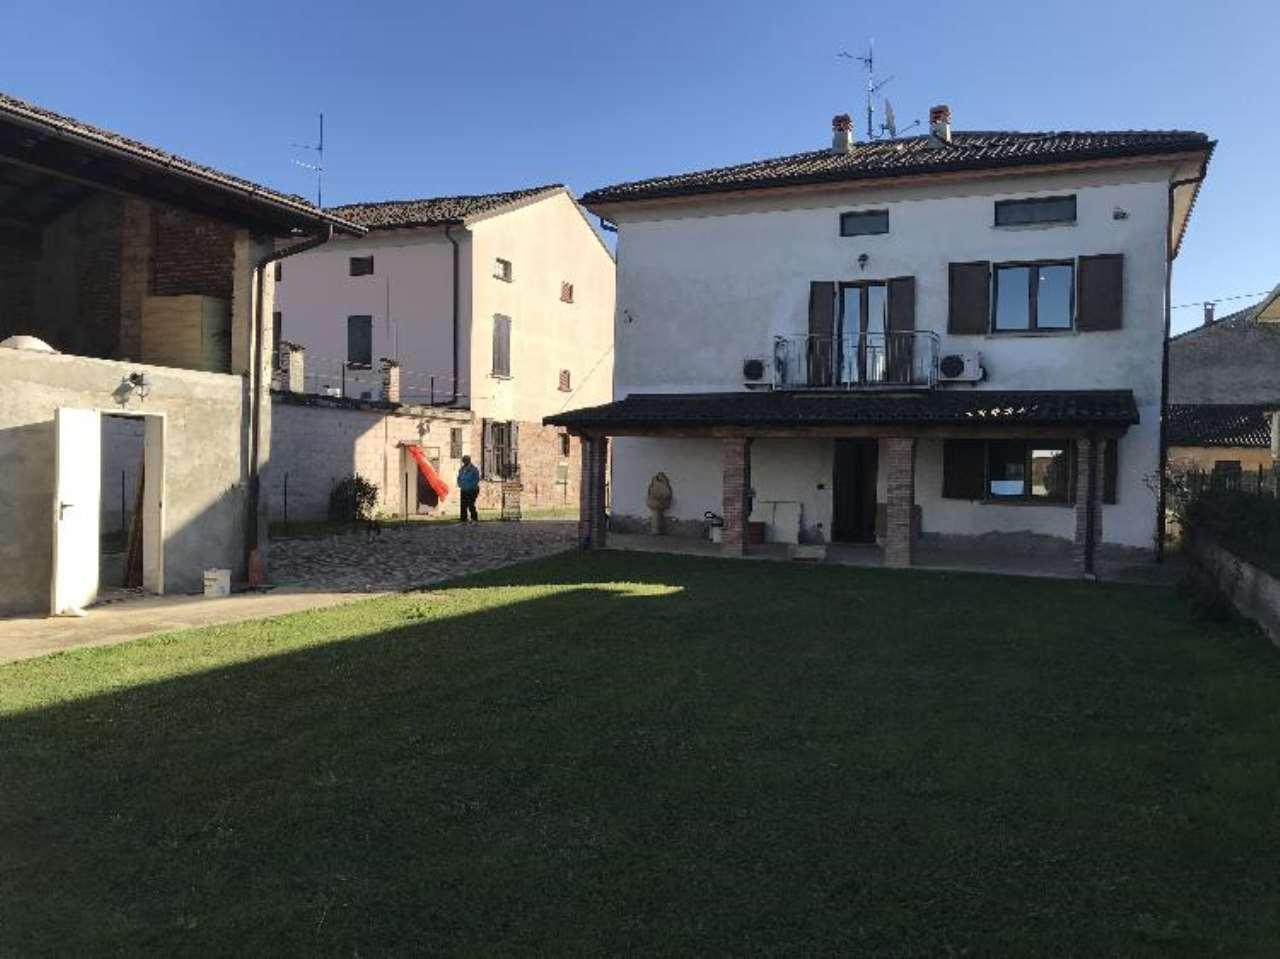 Soluzione Indipendente in vendita a Pieve San Giacomo, 4 locali, prezzo € 225.000 | CambioCasa.it